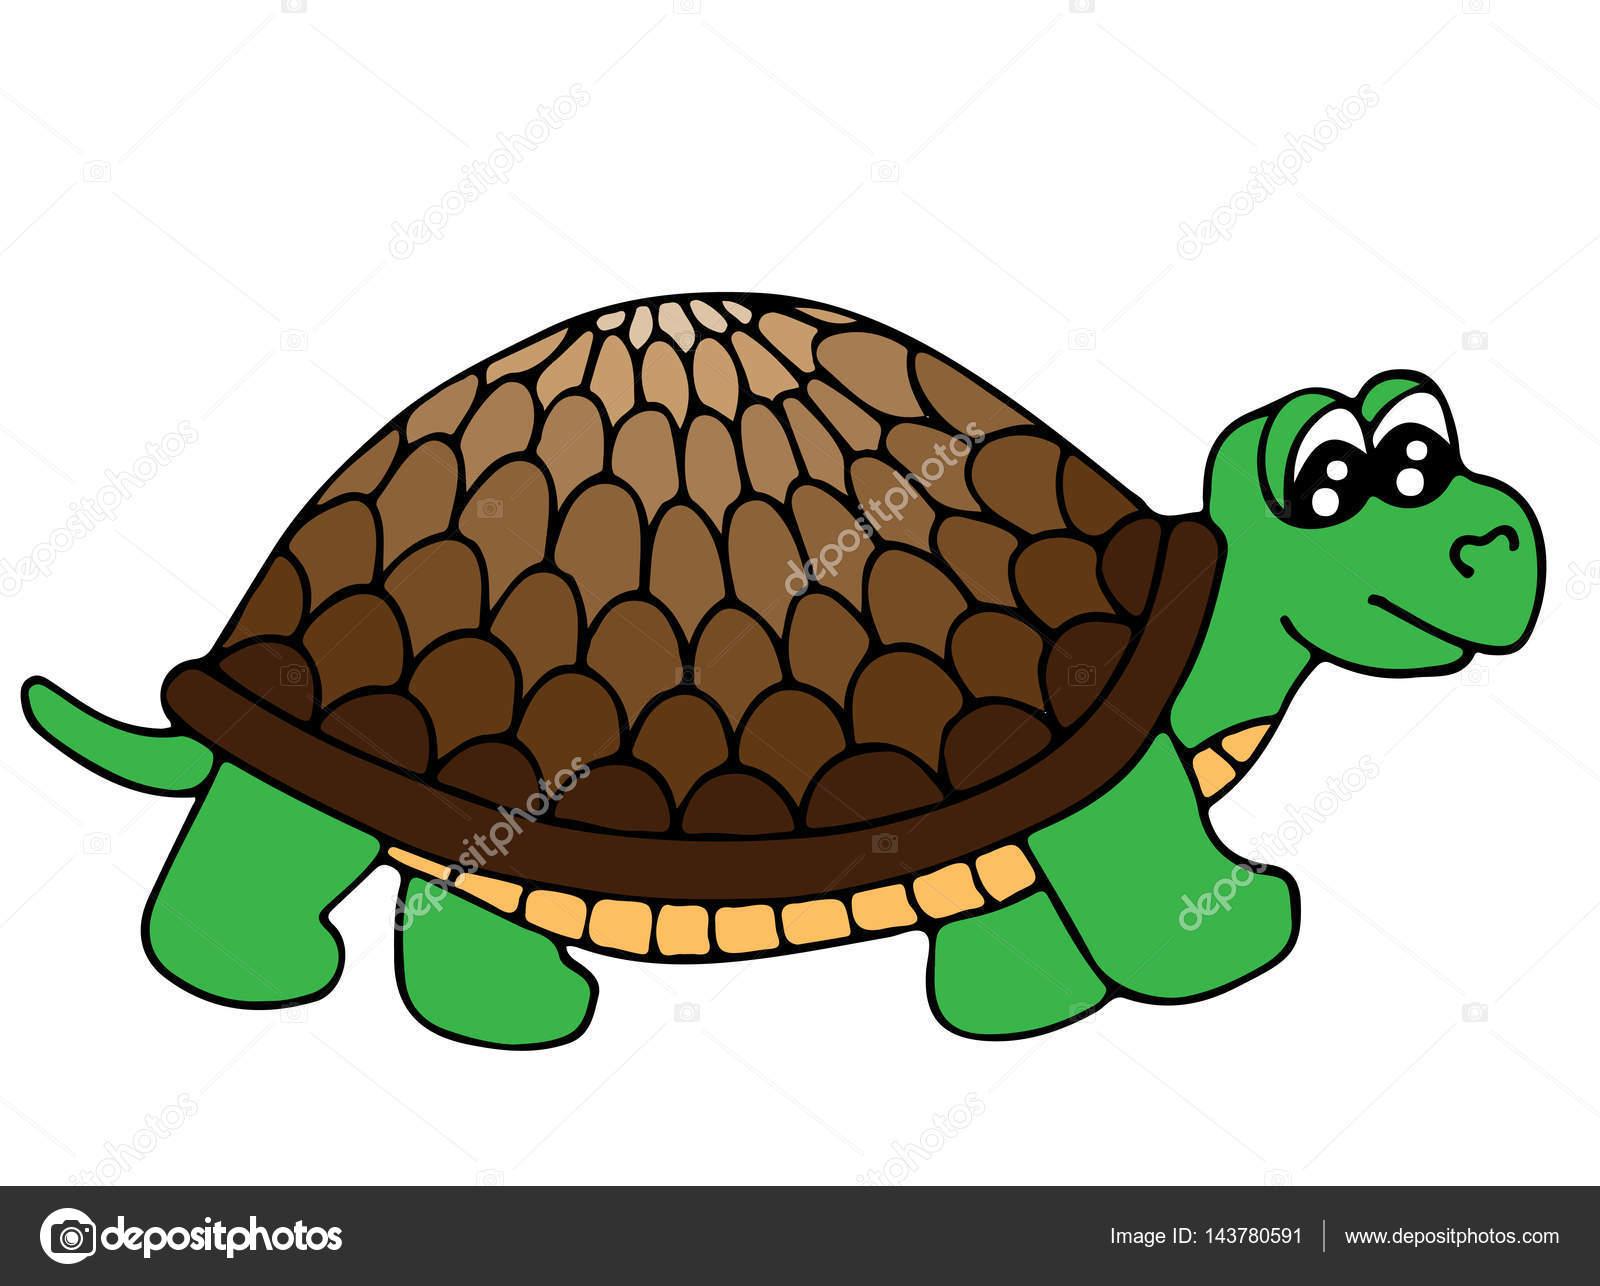 Linda tortuga colores aislado sobre fondo blanco — Archivo Imágenes ...